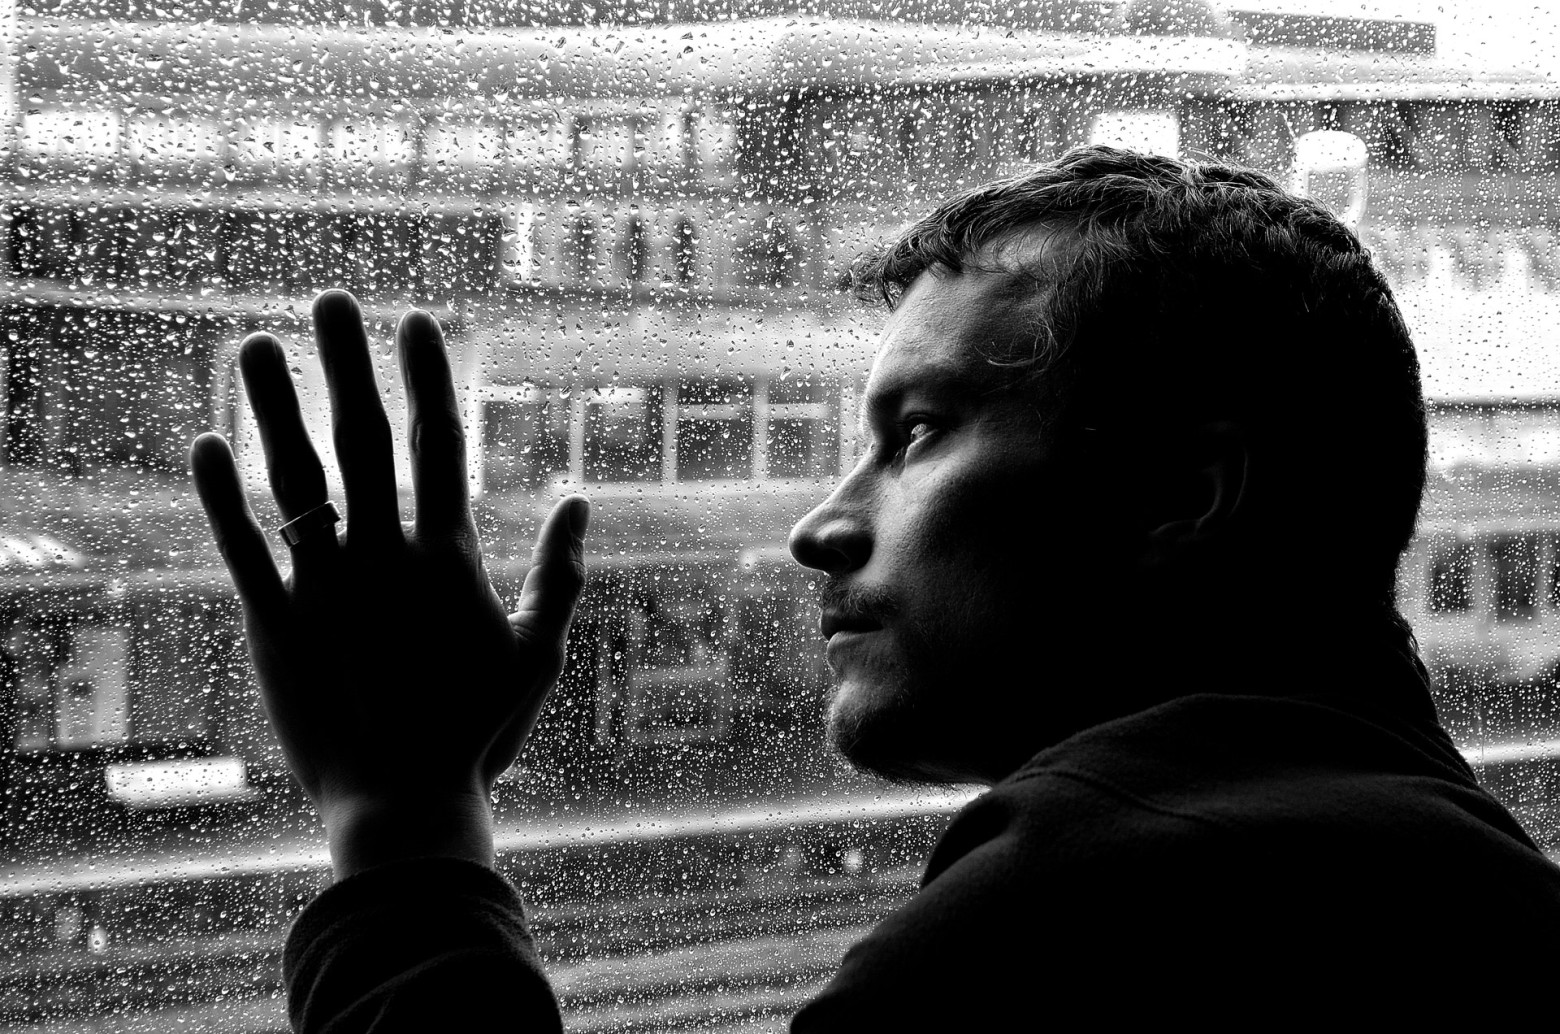 homme triste qui regarde la pluie tomber fen tre images gratuites et libres de droits. Black Bedroom Furniture Sets. Home Design Ideas